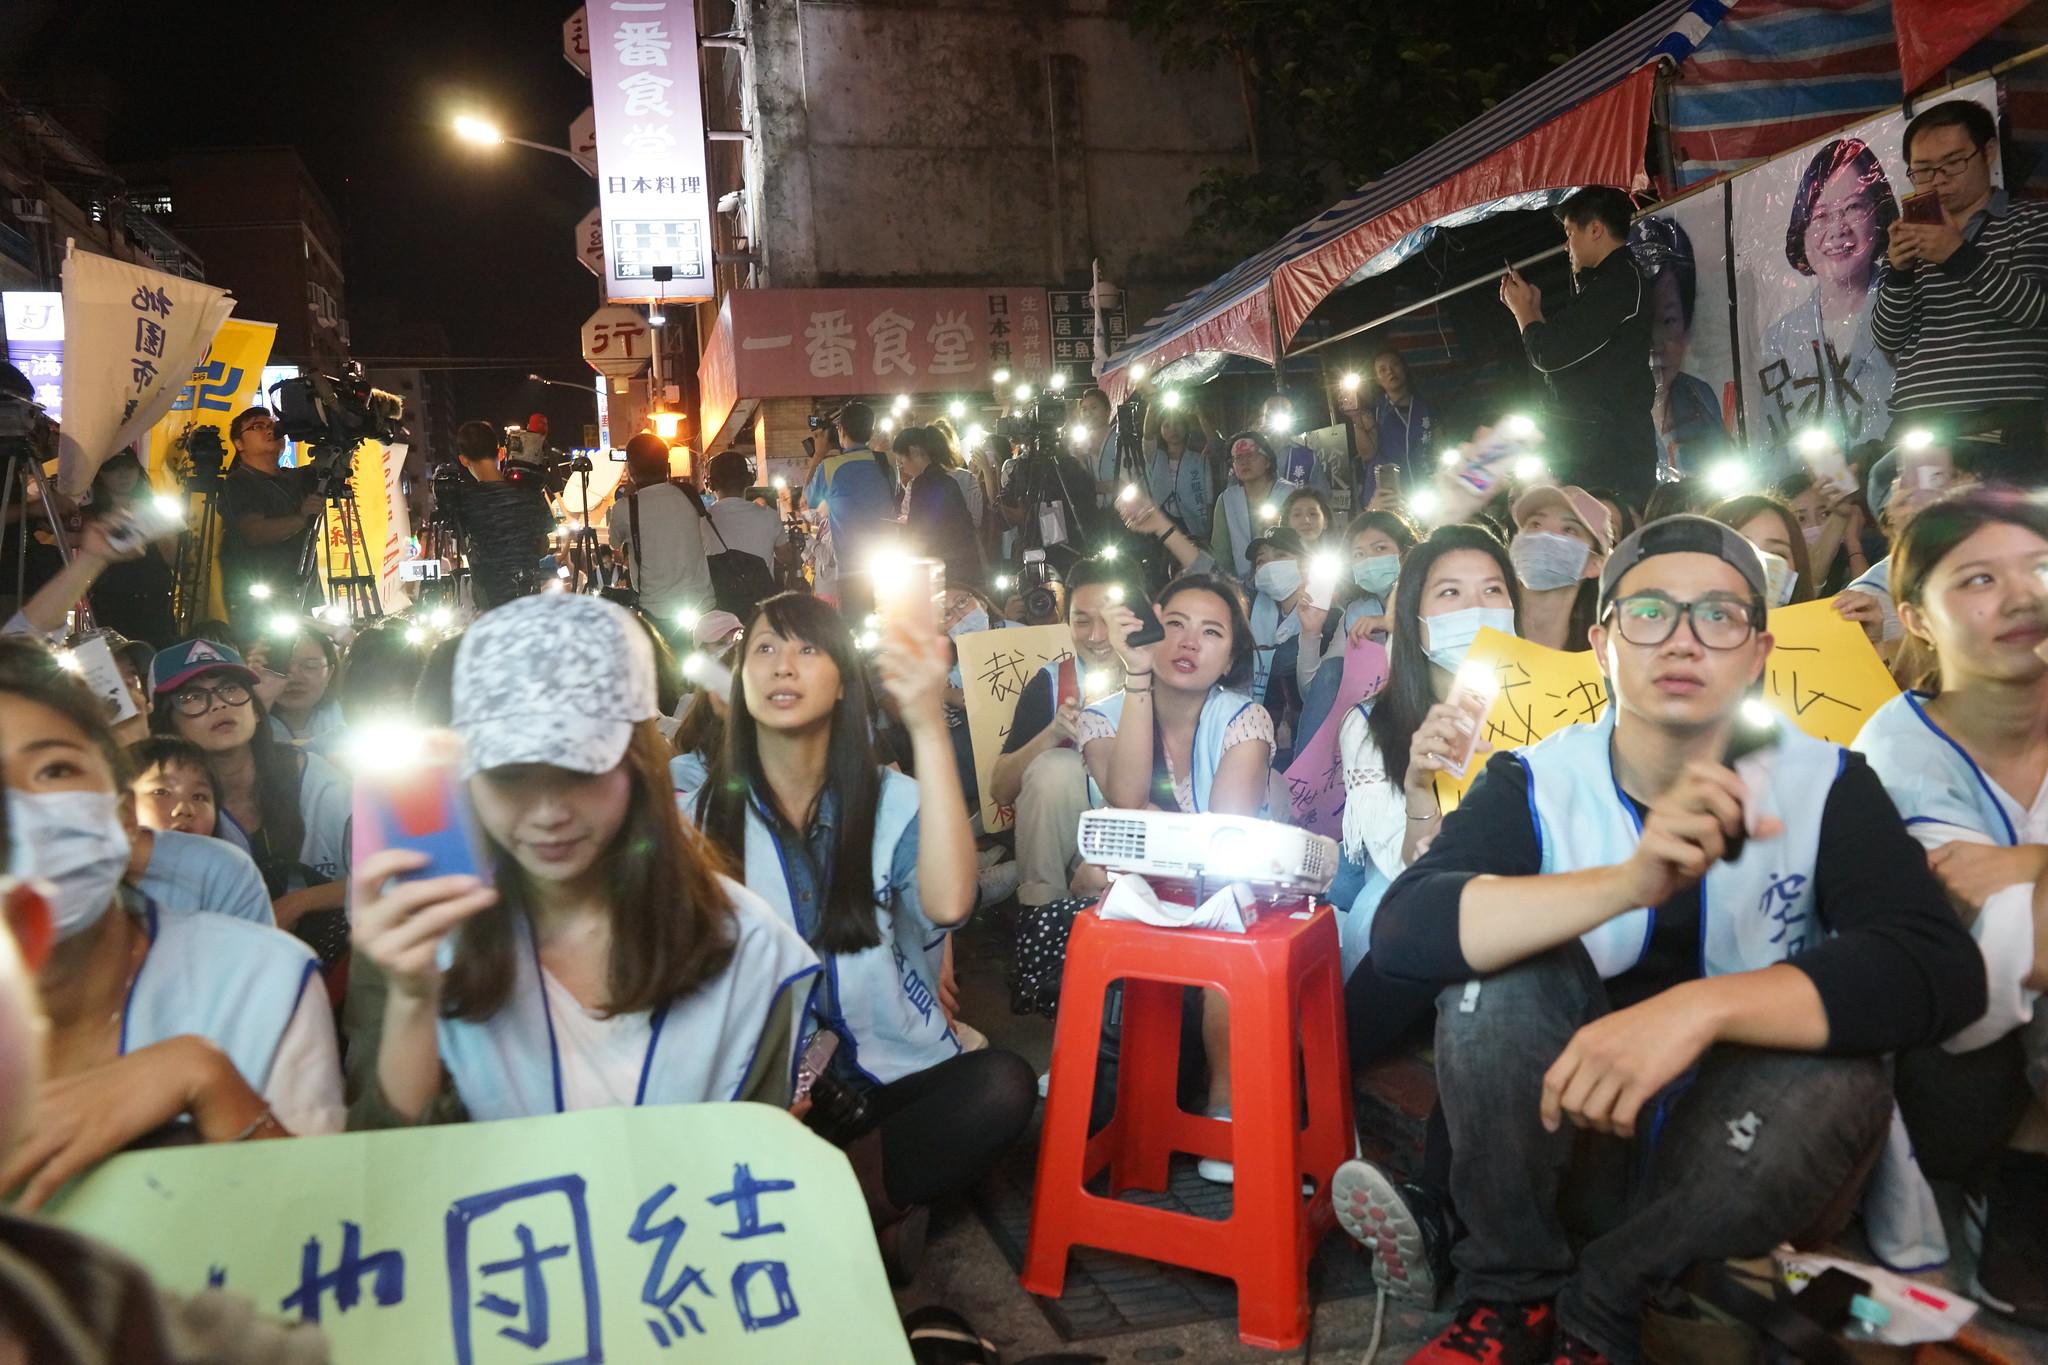 晚會比照演唱會規格,眾人點亮手機的手電筒,跟著旋律與口號聲浪搖擺。(攝影:王顥中)